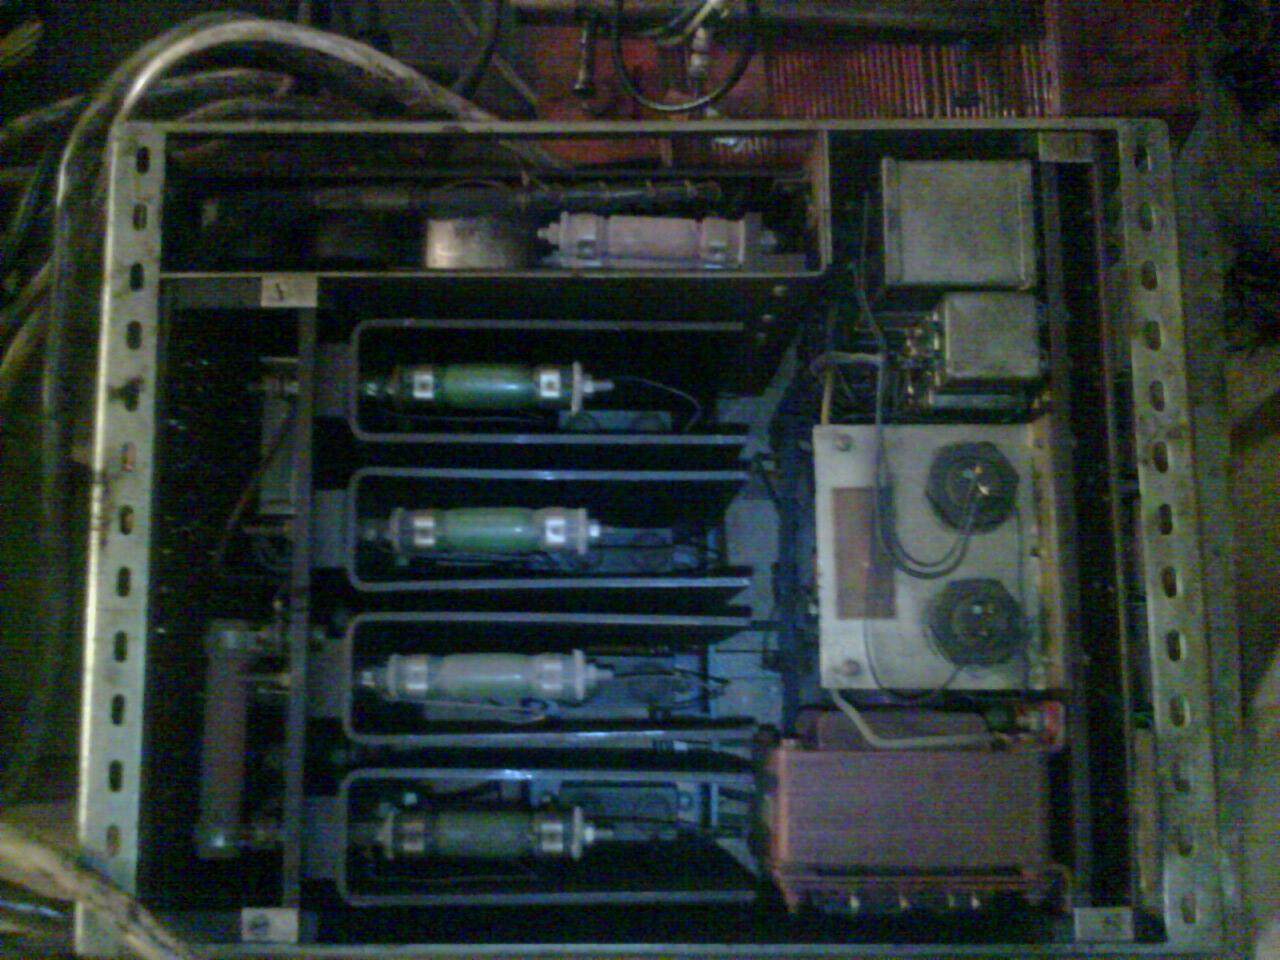 DC100521006.jpg